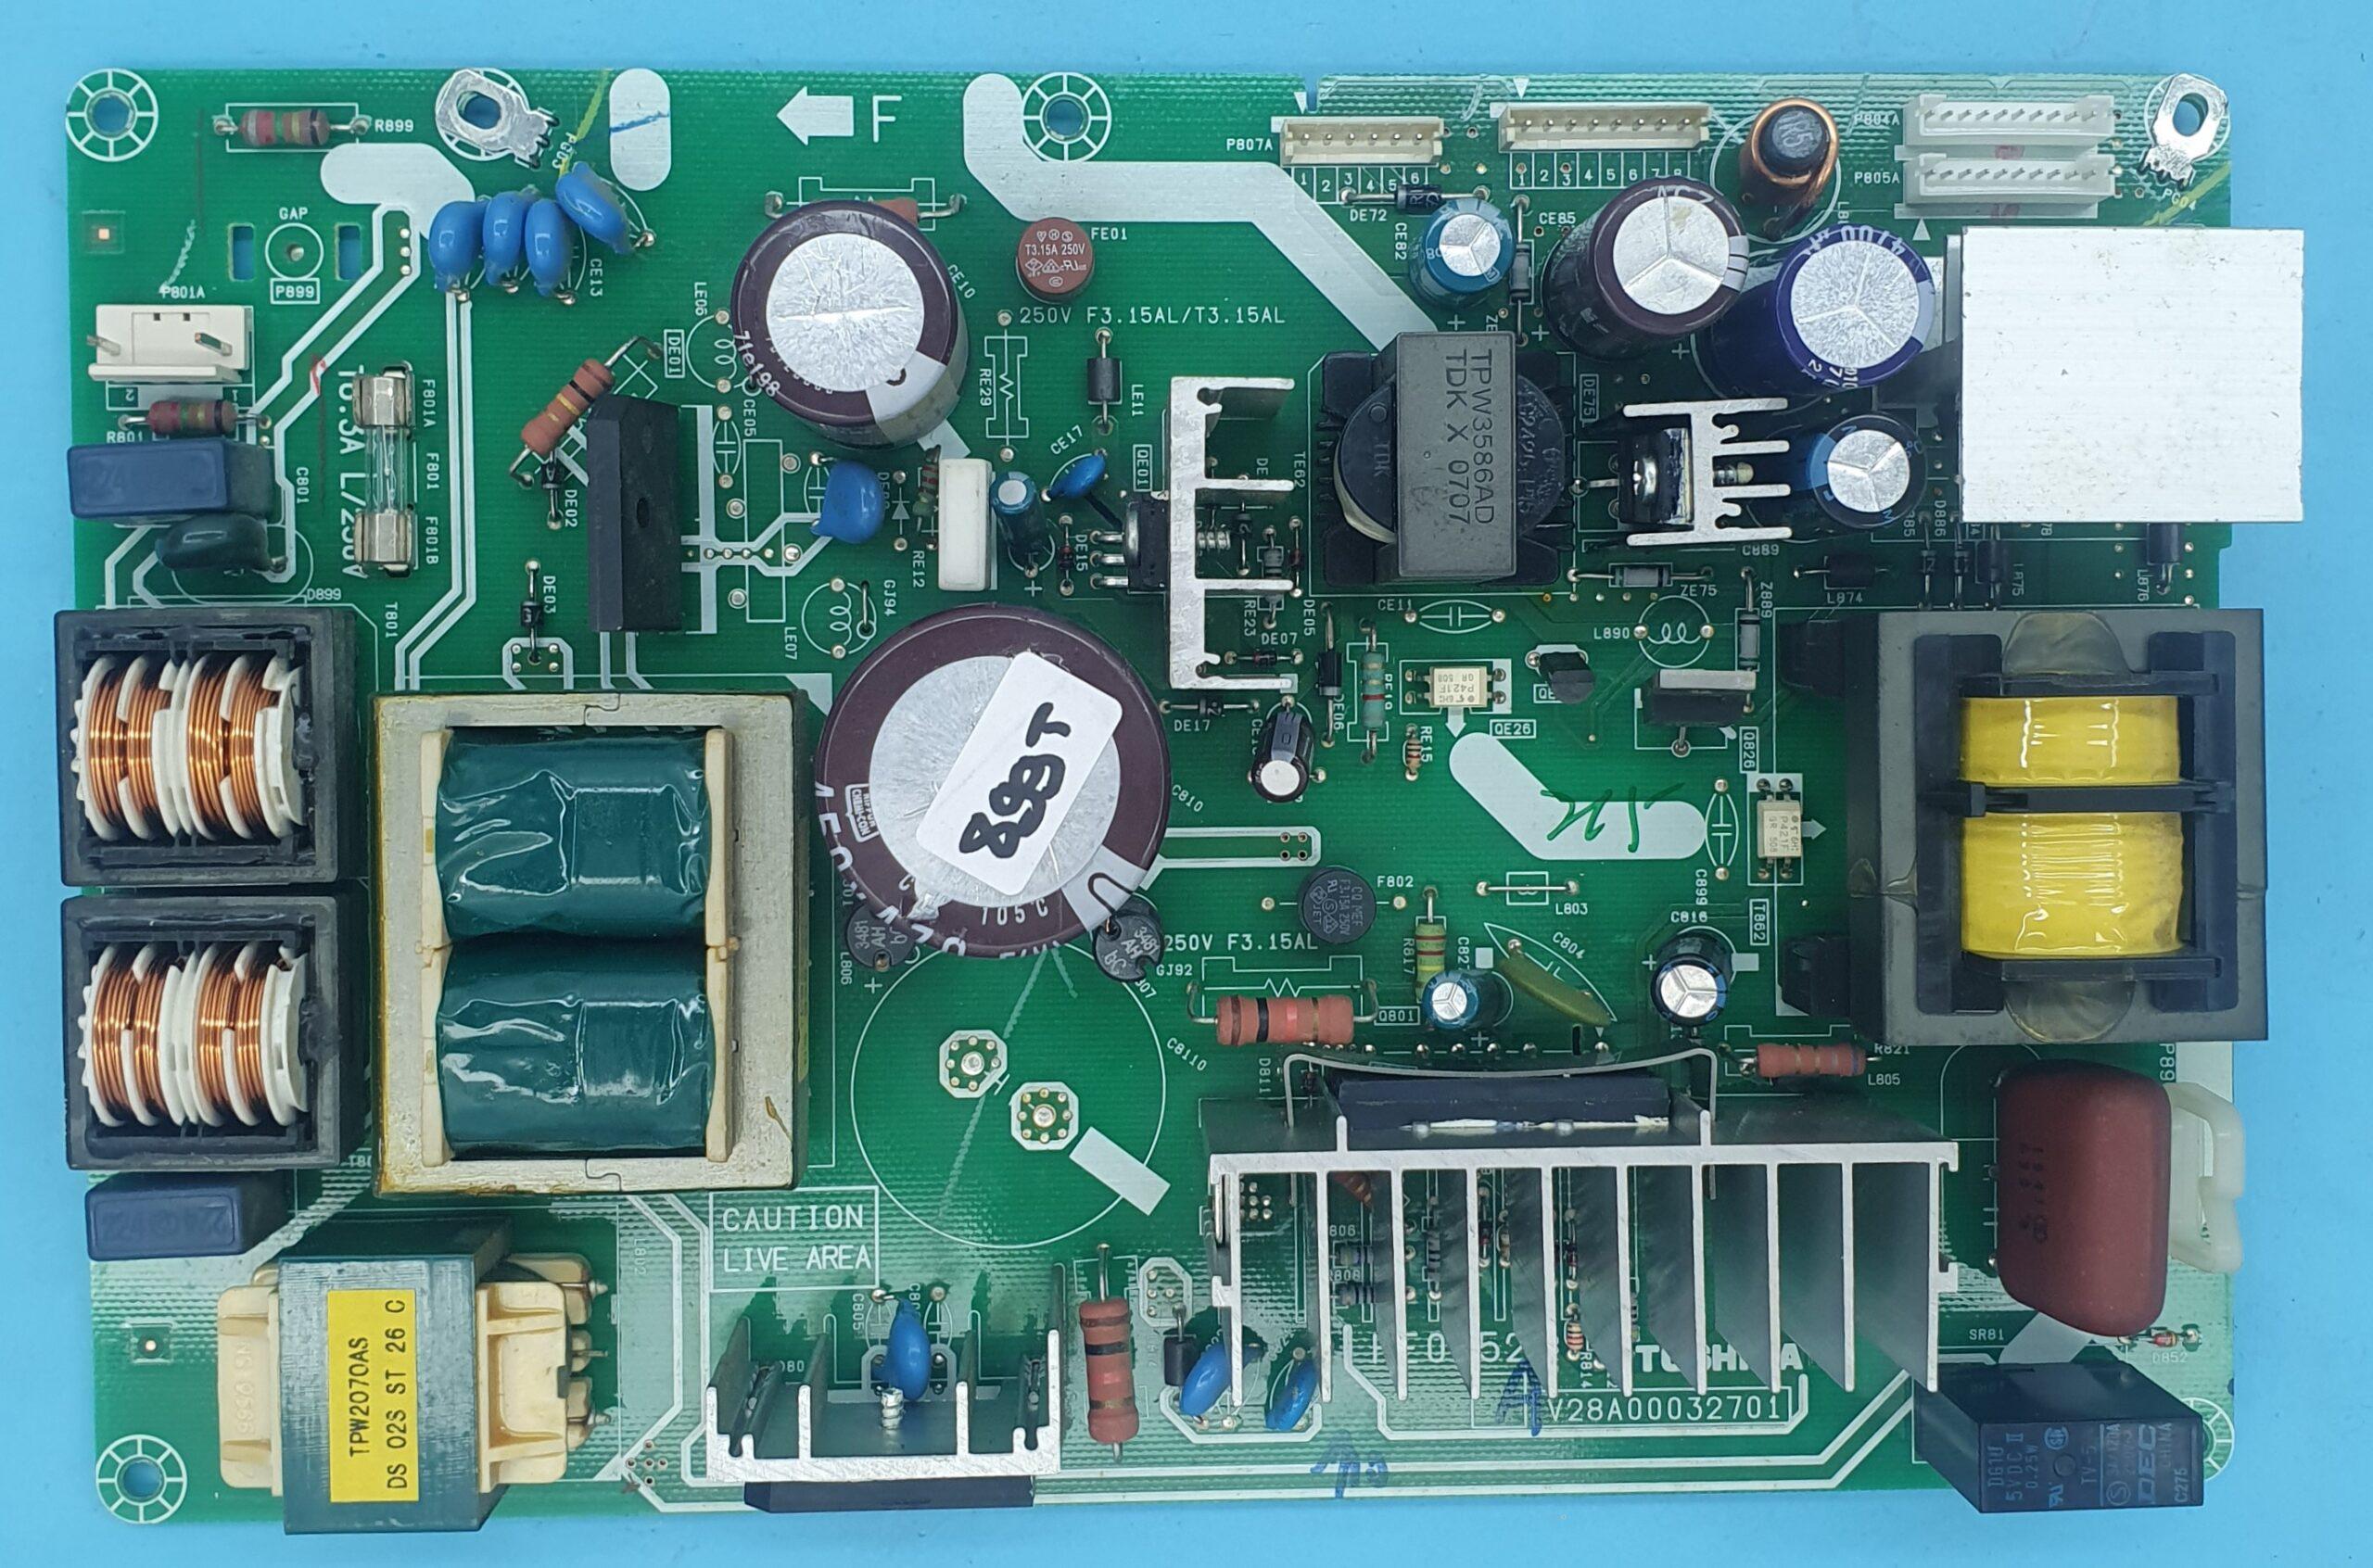 PE0252-V28A00032701 TOSHIBA Power (KDV DAHİL = 118 TL)